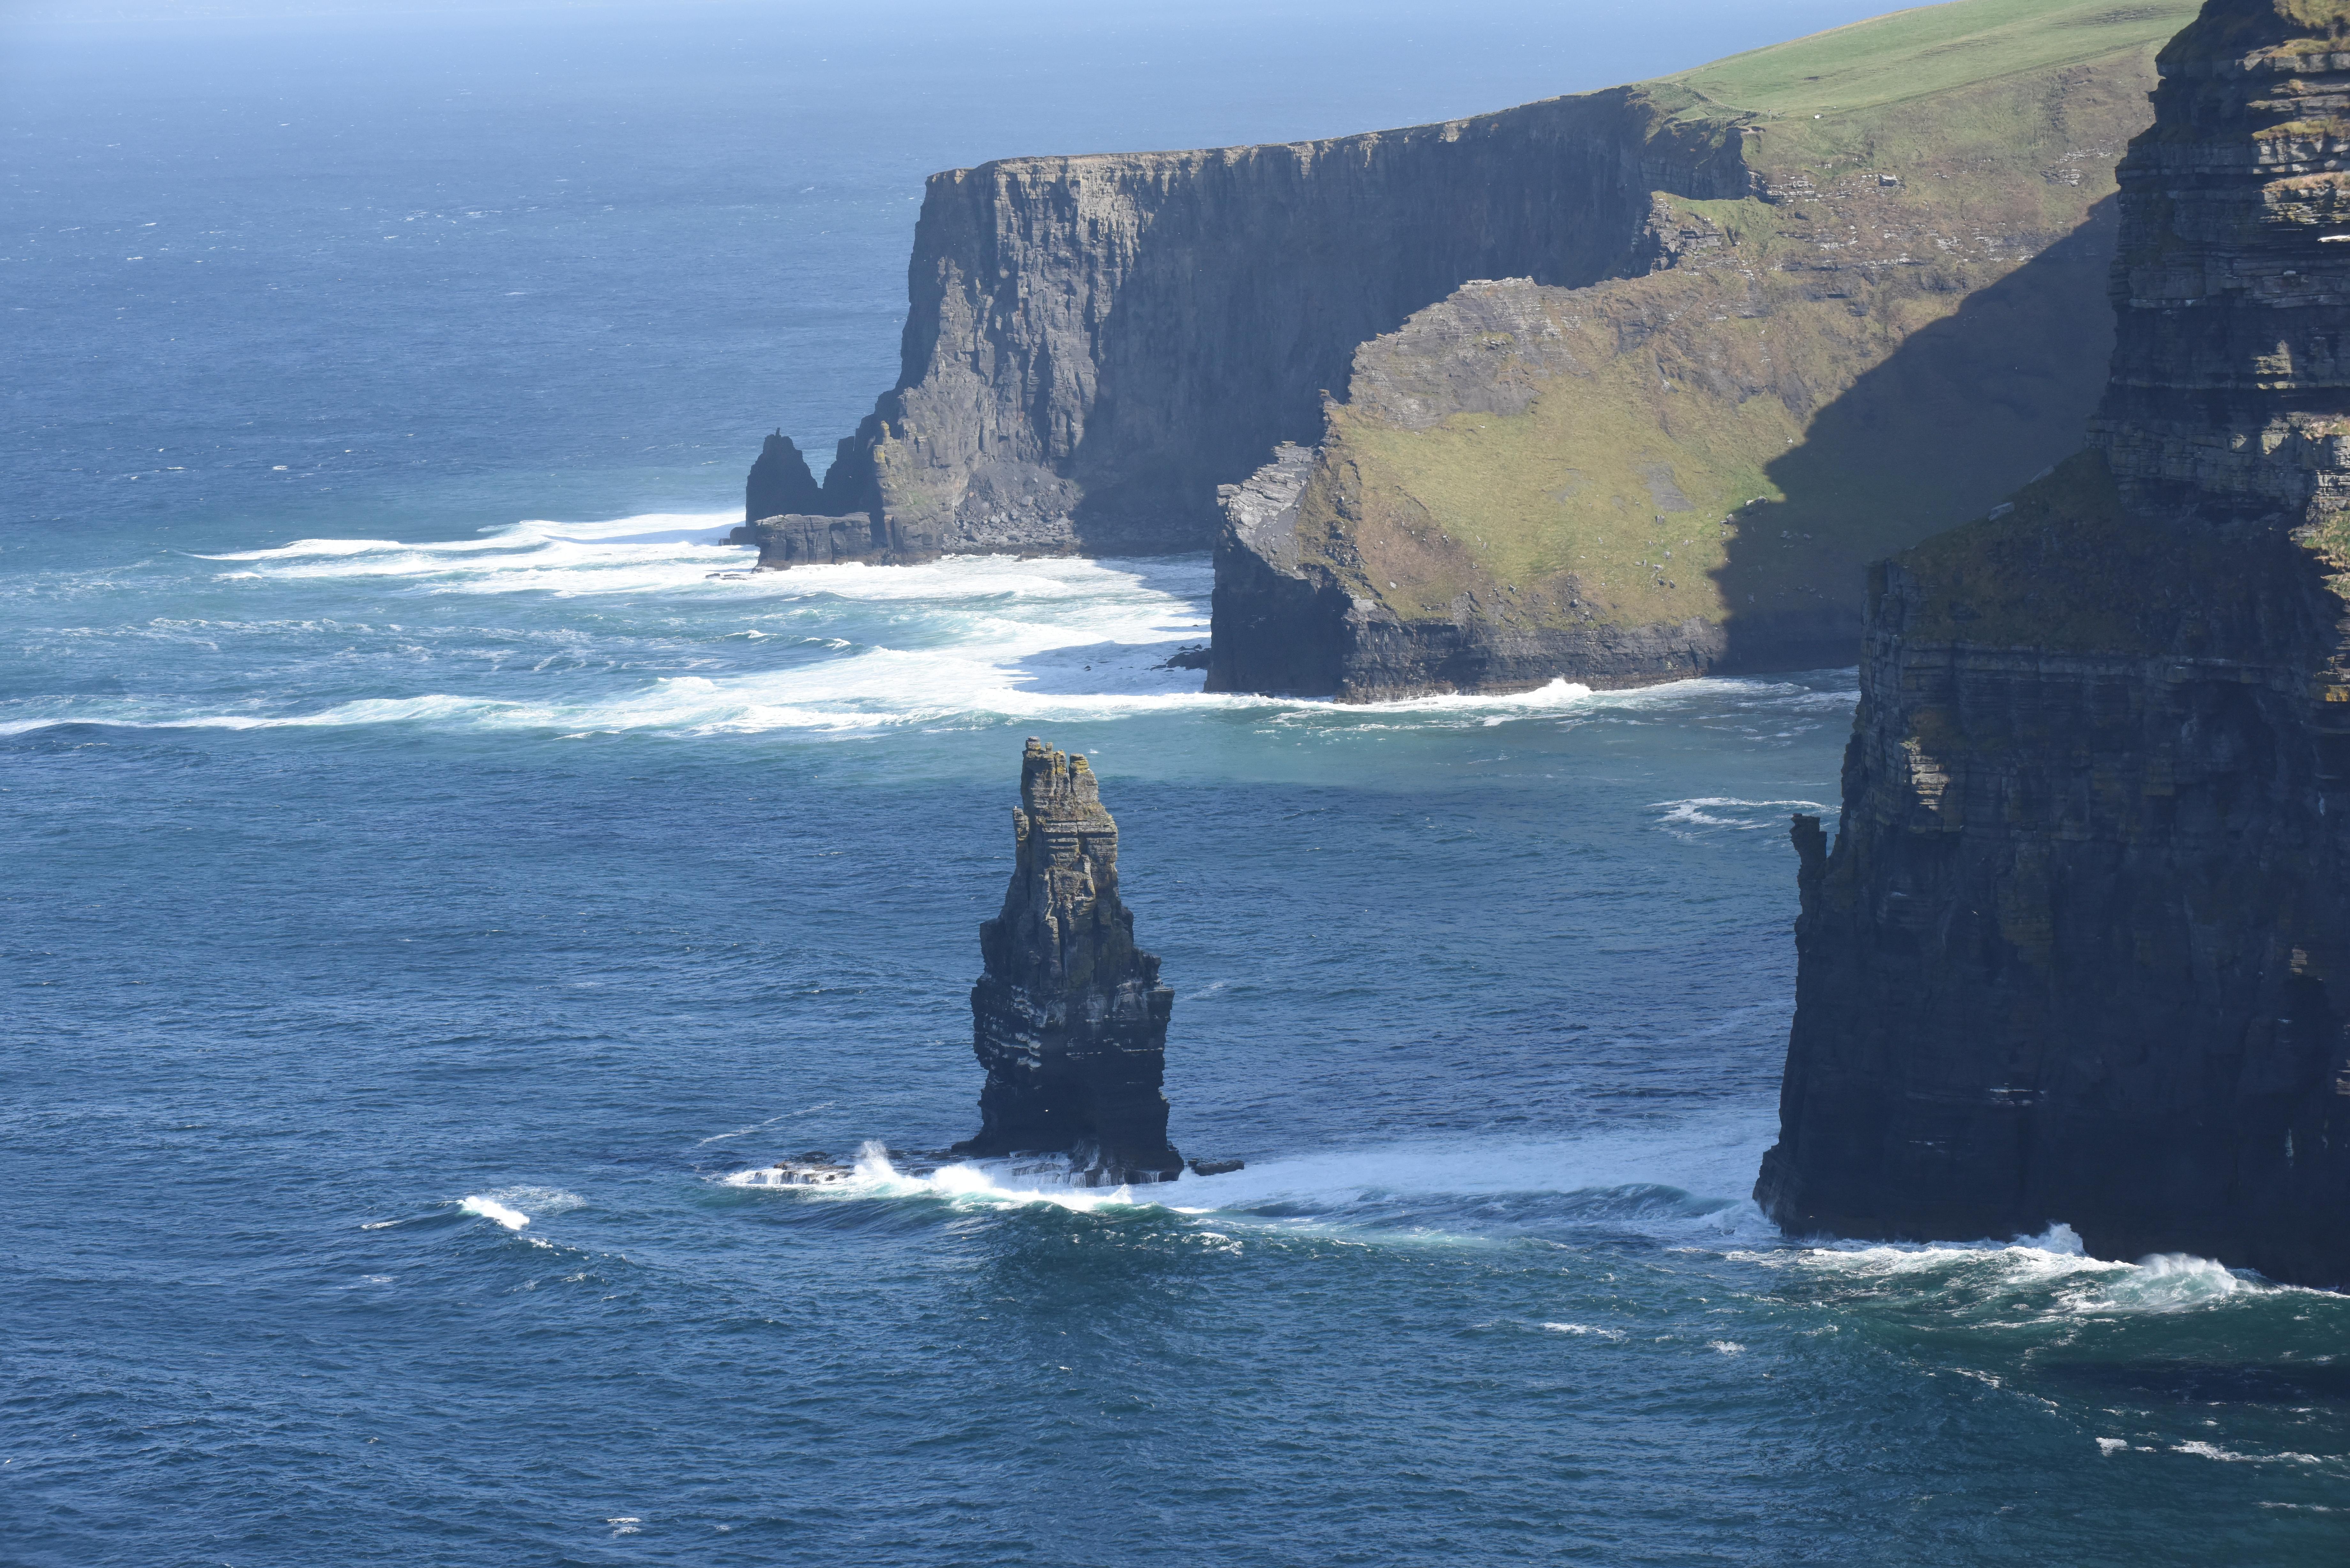 http://www.beautiful-nature.net/travels/DSC_3119.JPG